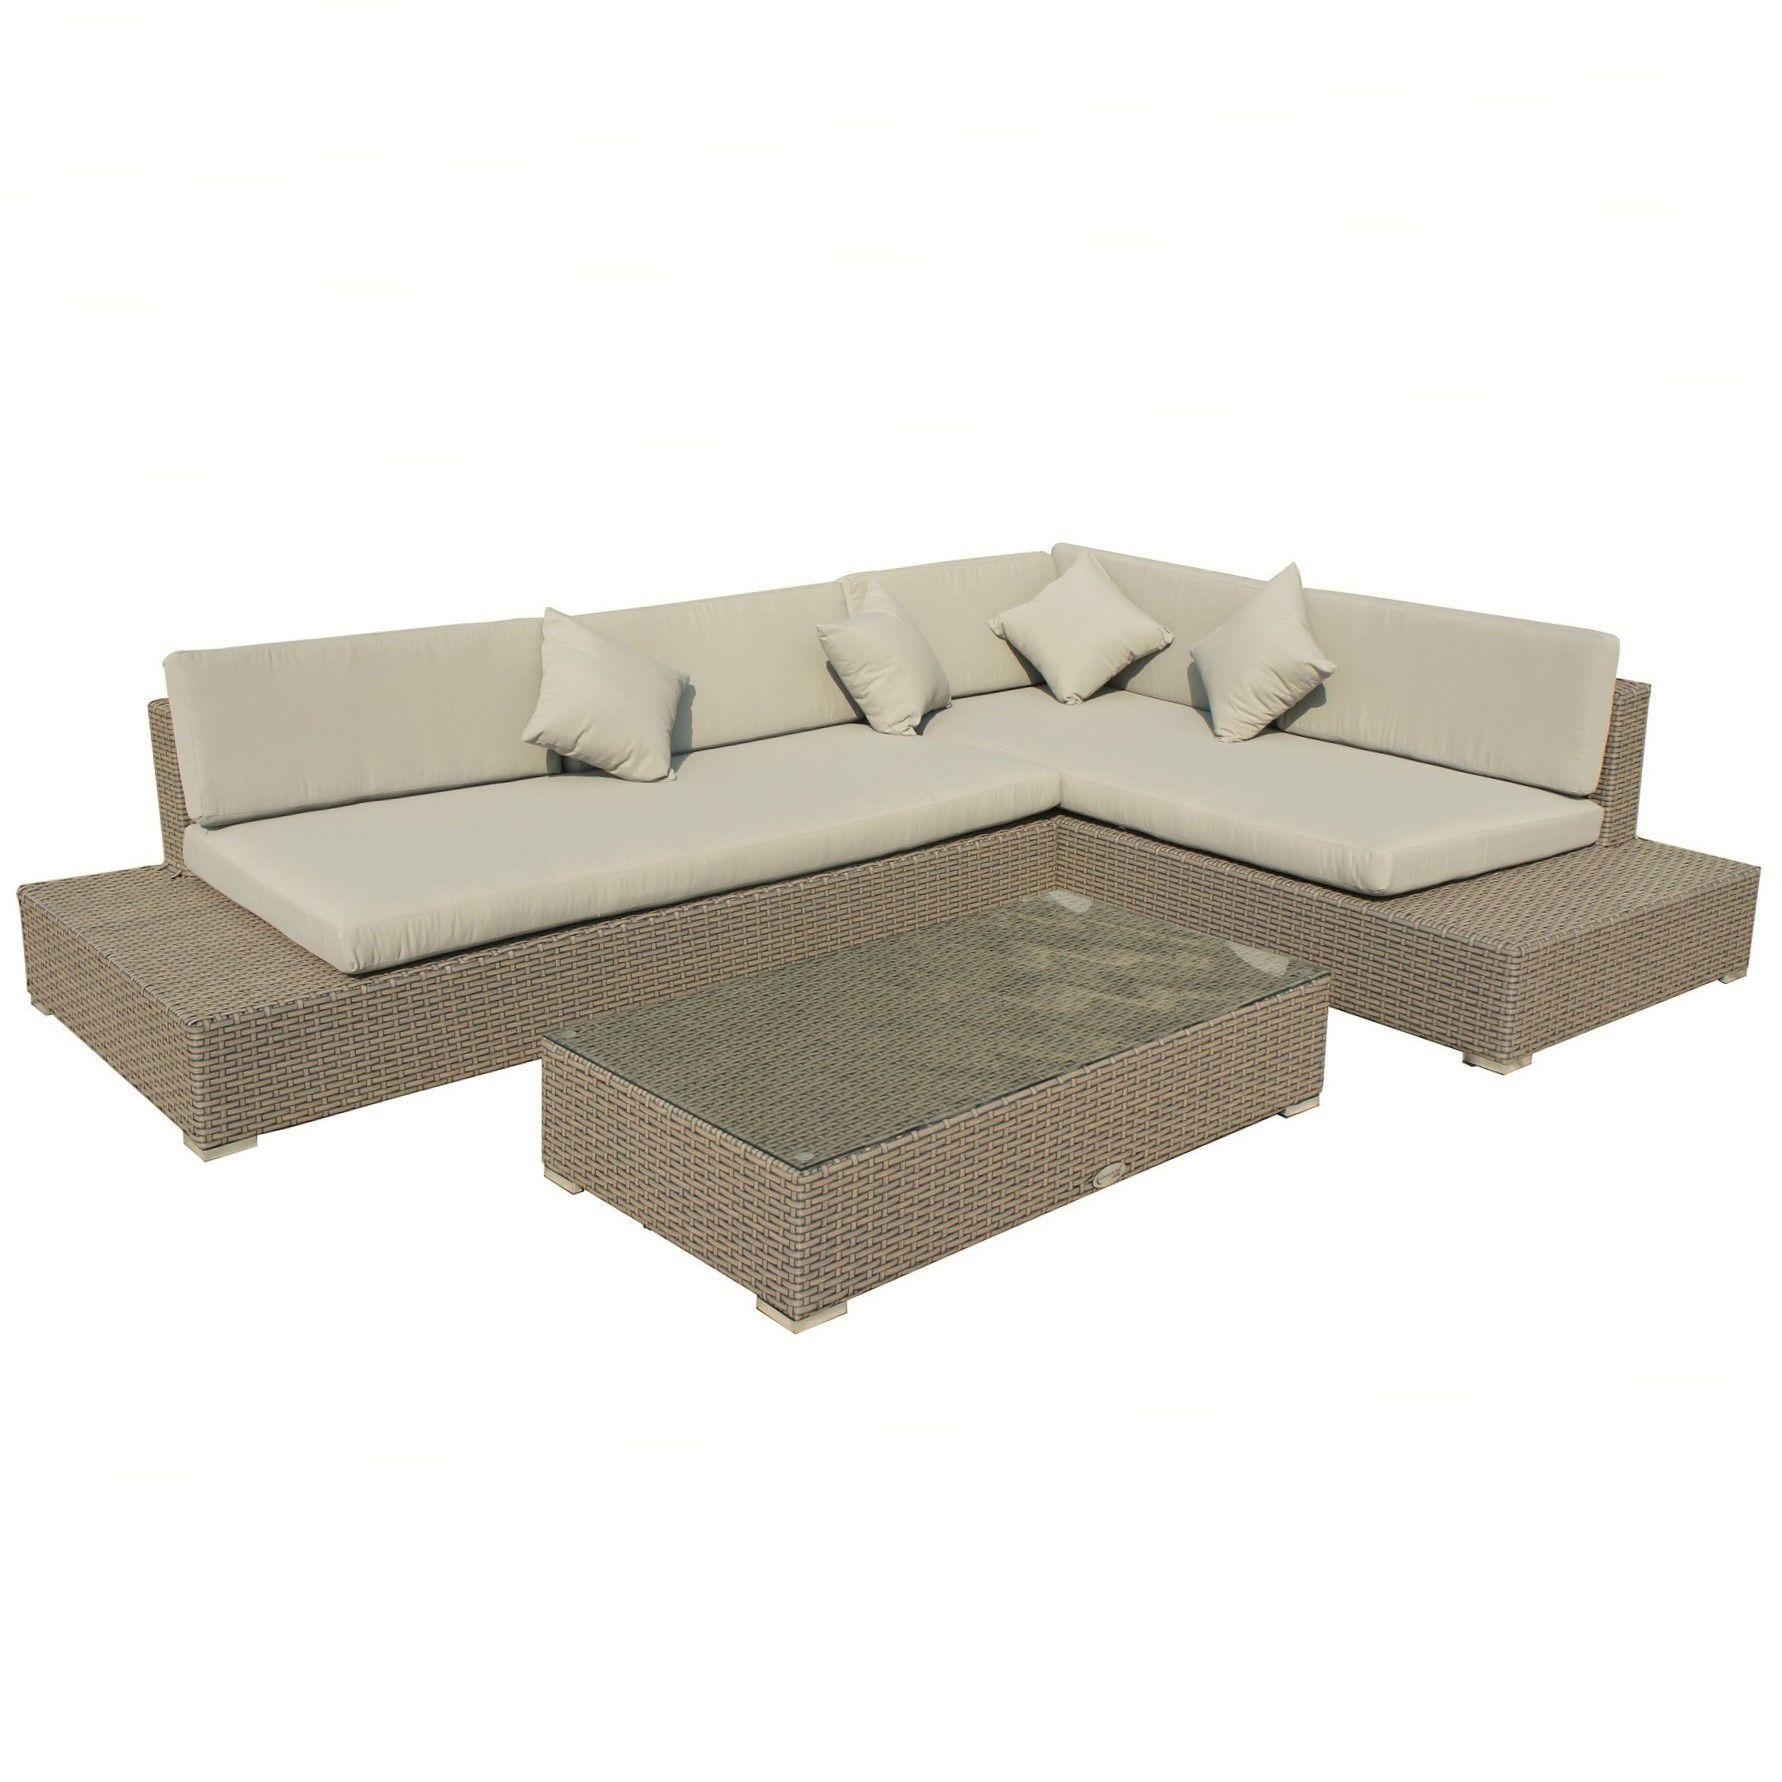 best salon de jardin maldives blanc images. Black Bedroom Furniture Sets. Home Design Ideas